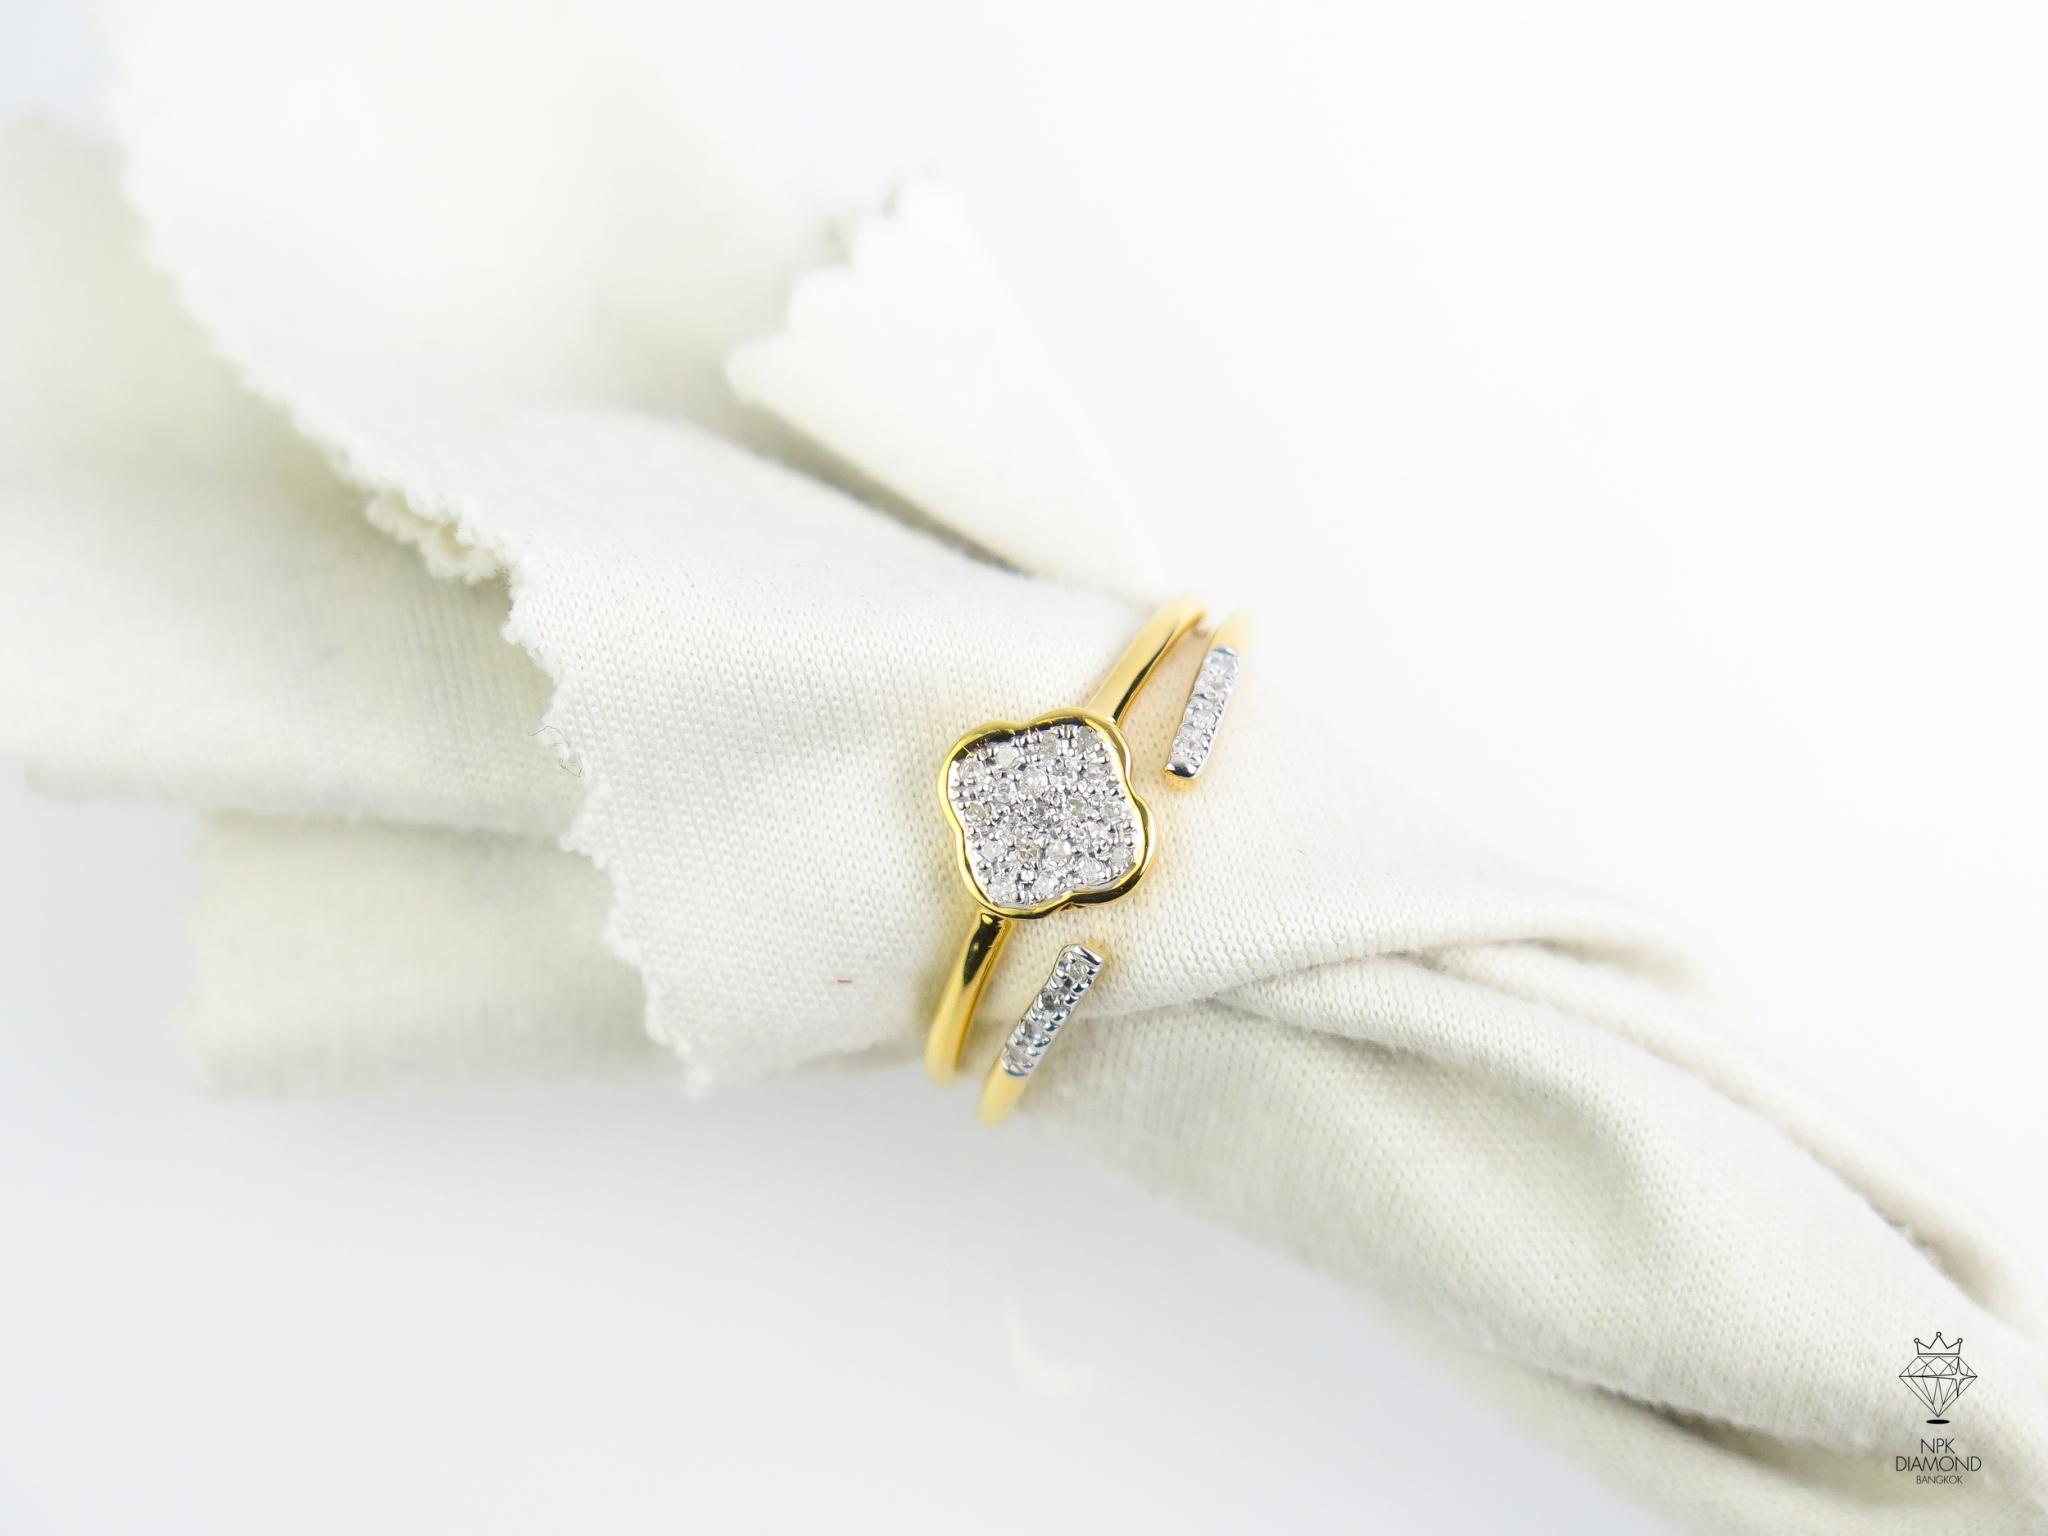 แหวนเพรชใบไม้ Van cleef